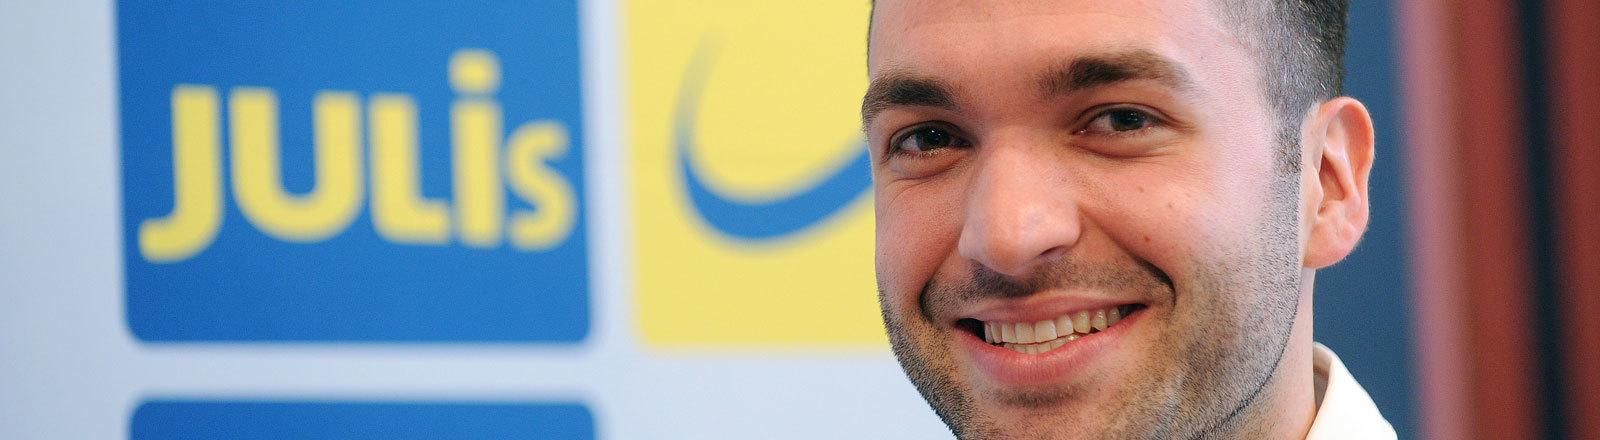 Konstantin Kuhle, Bundesvorsitzender der Julis und Mitglied im FDP-Parteivorstand